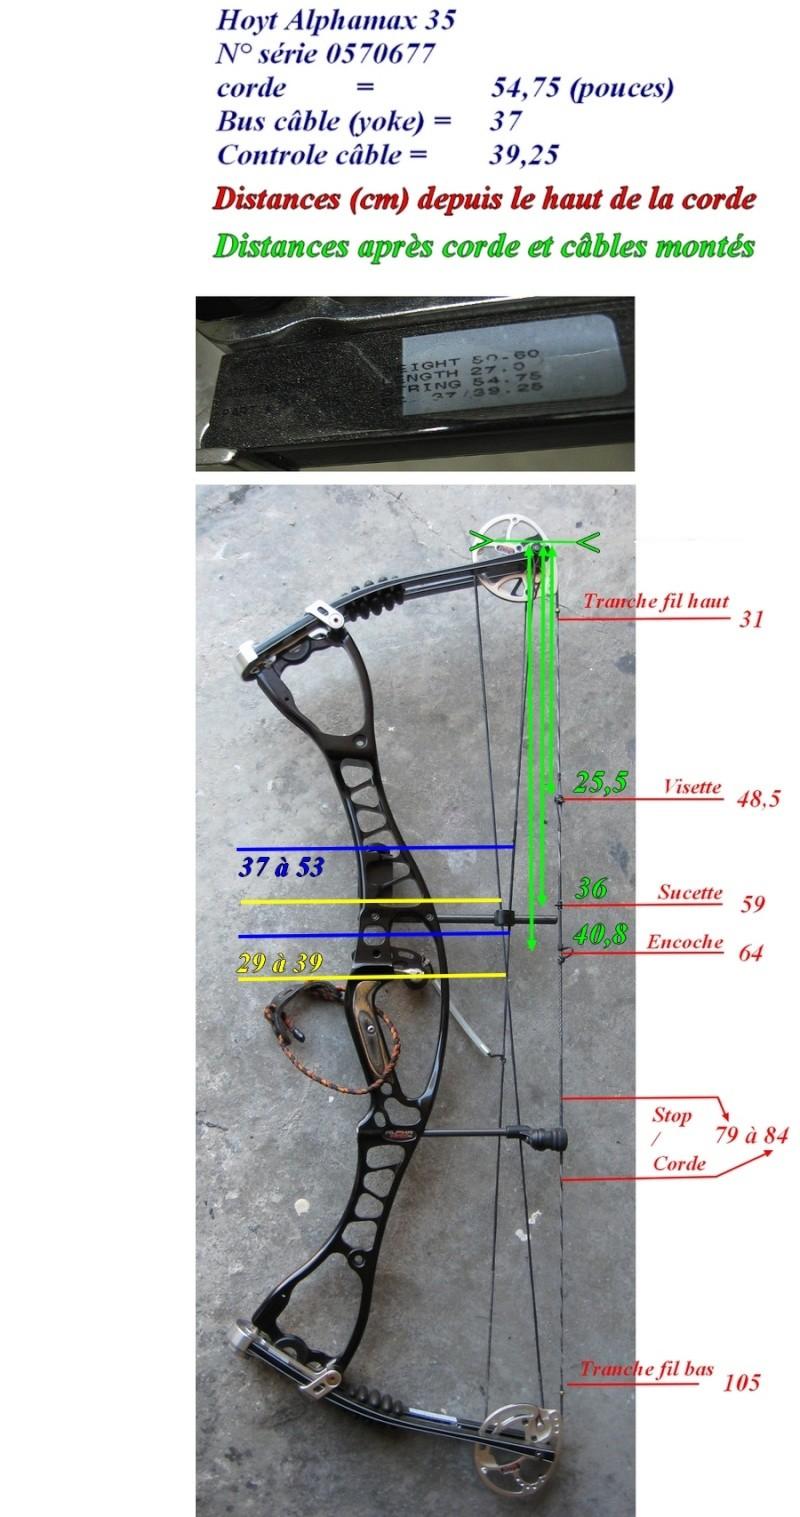 Méthode pour le changement corde et câbles (arc à poulies) Hoyt_a10